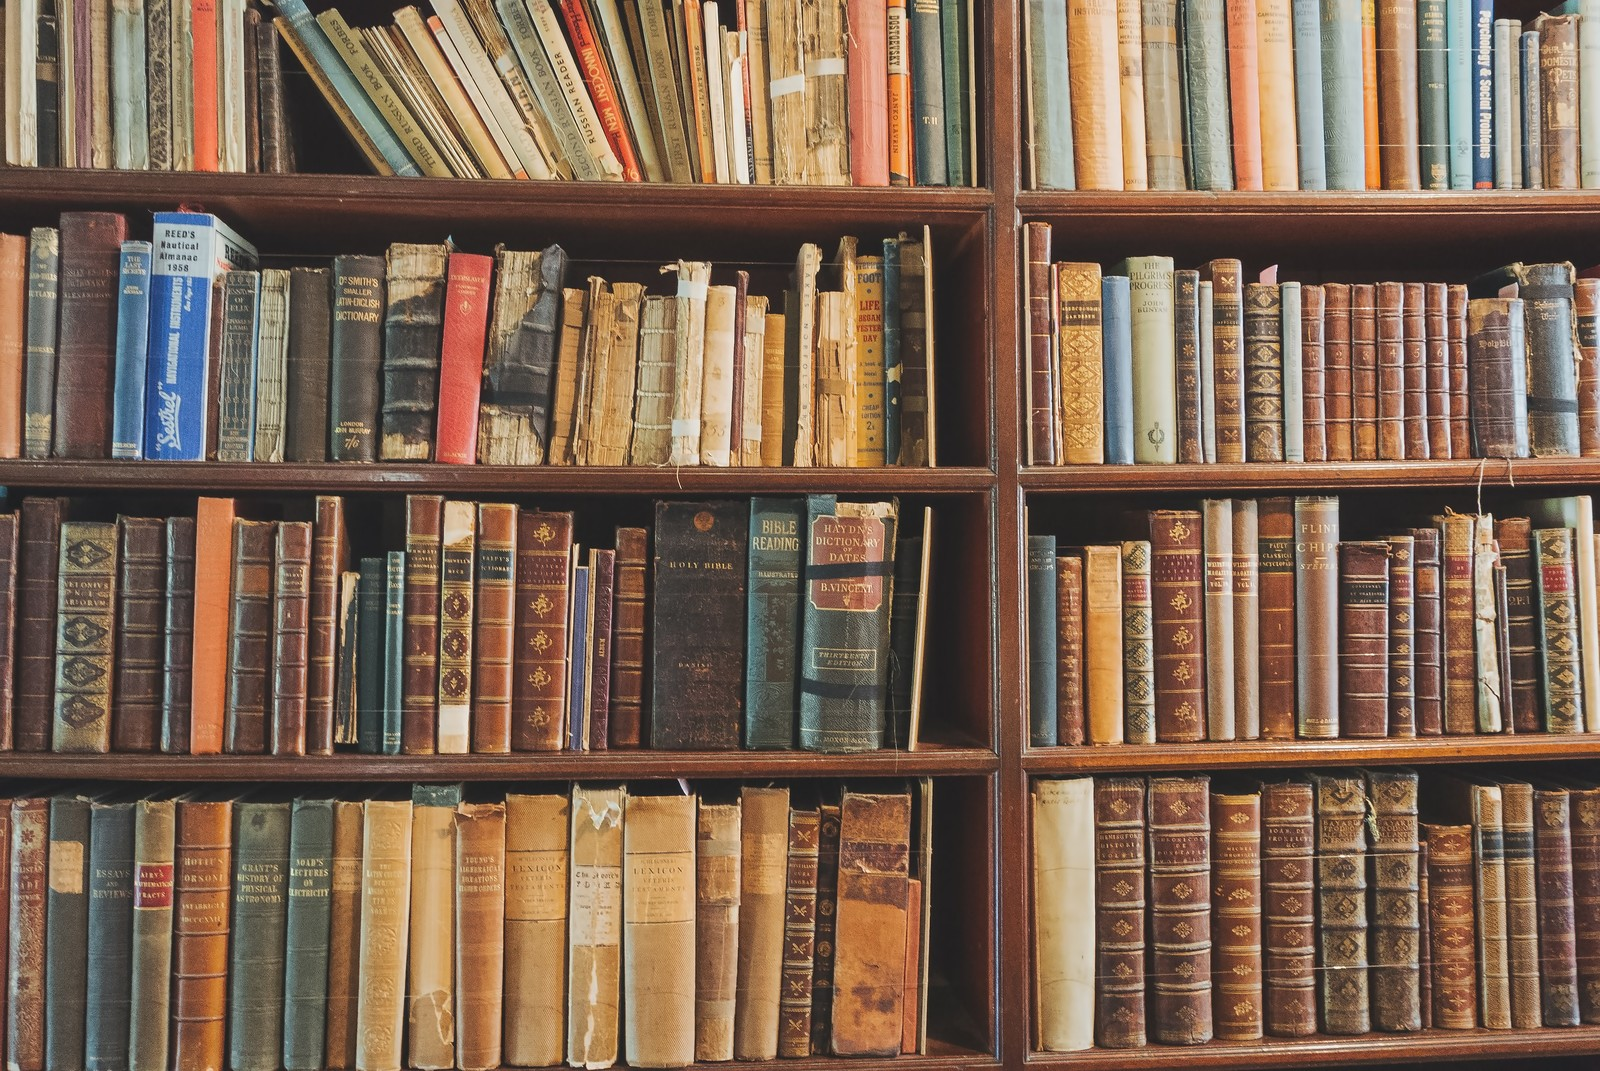 「洋書の本棚洋書の本棚」のフリー写真素材を拡大